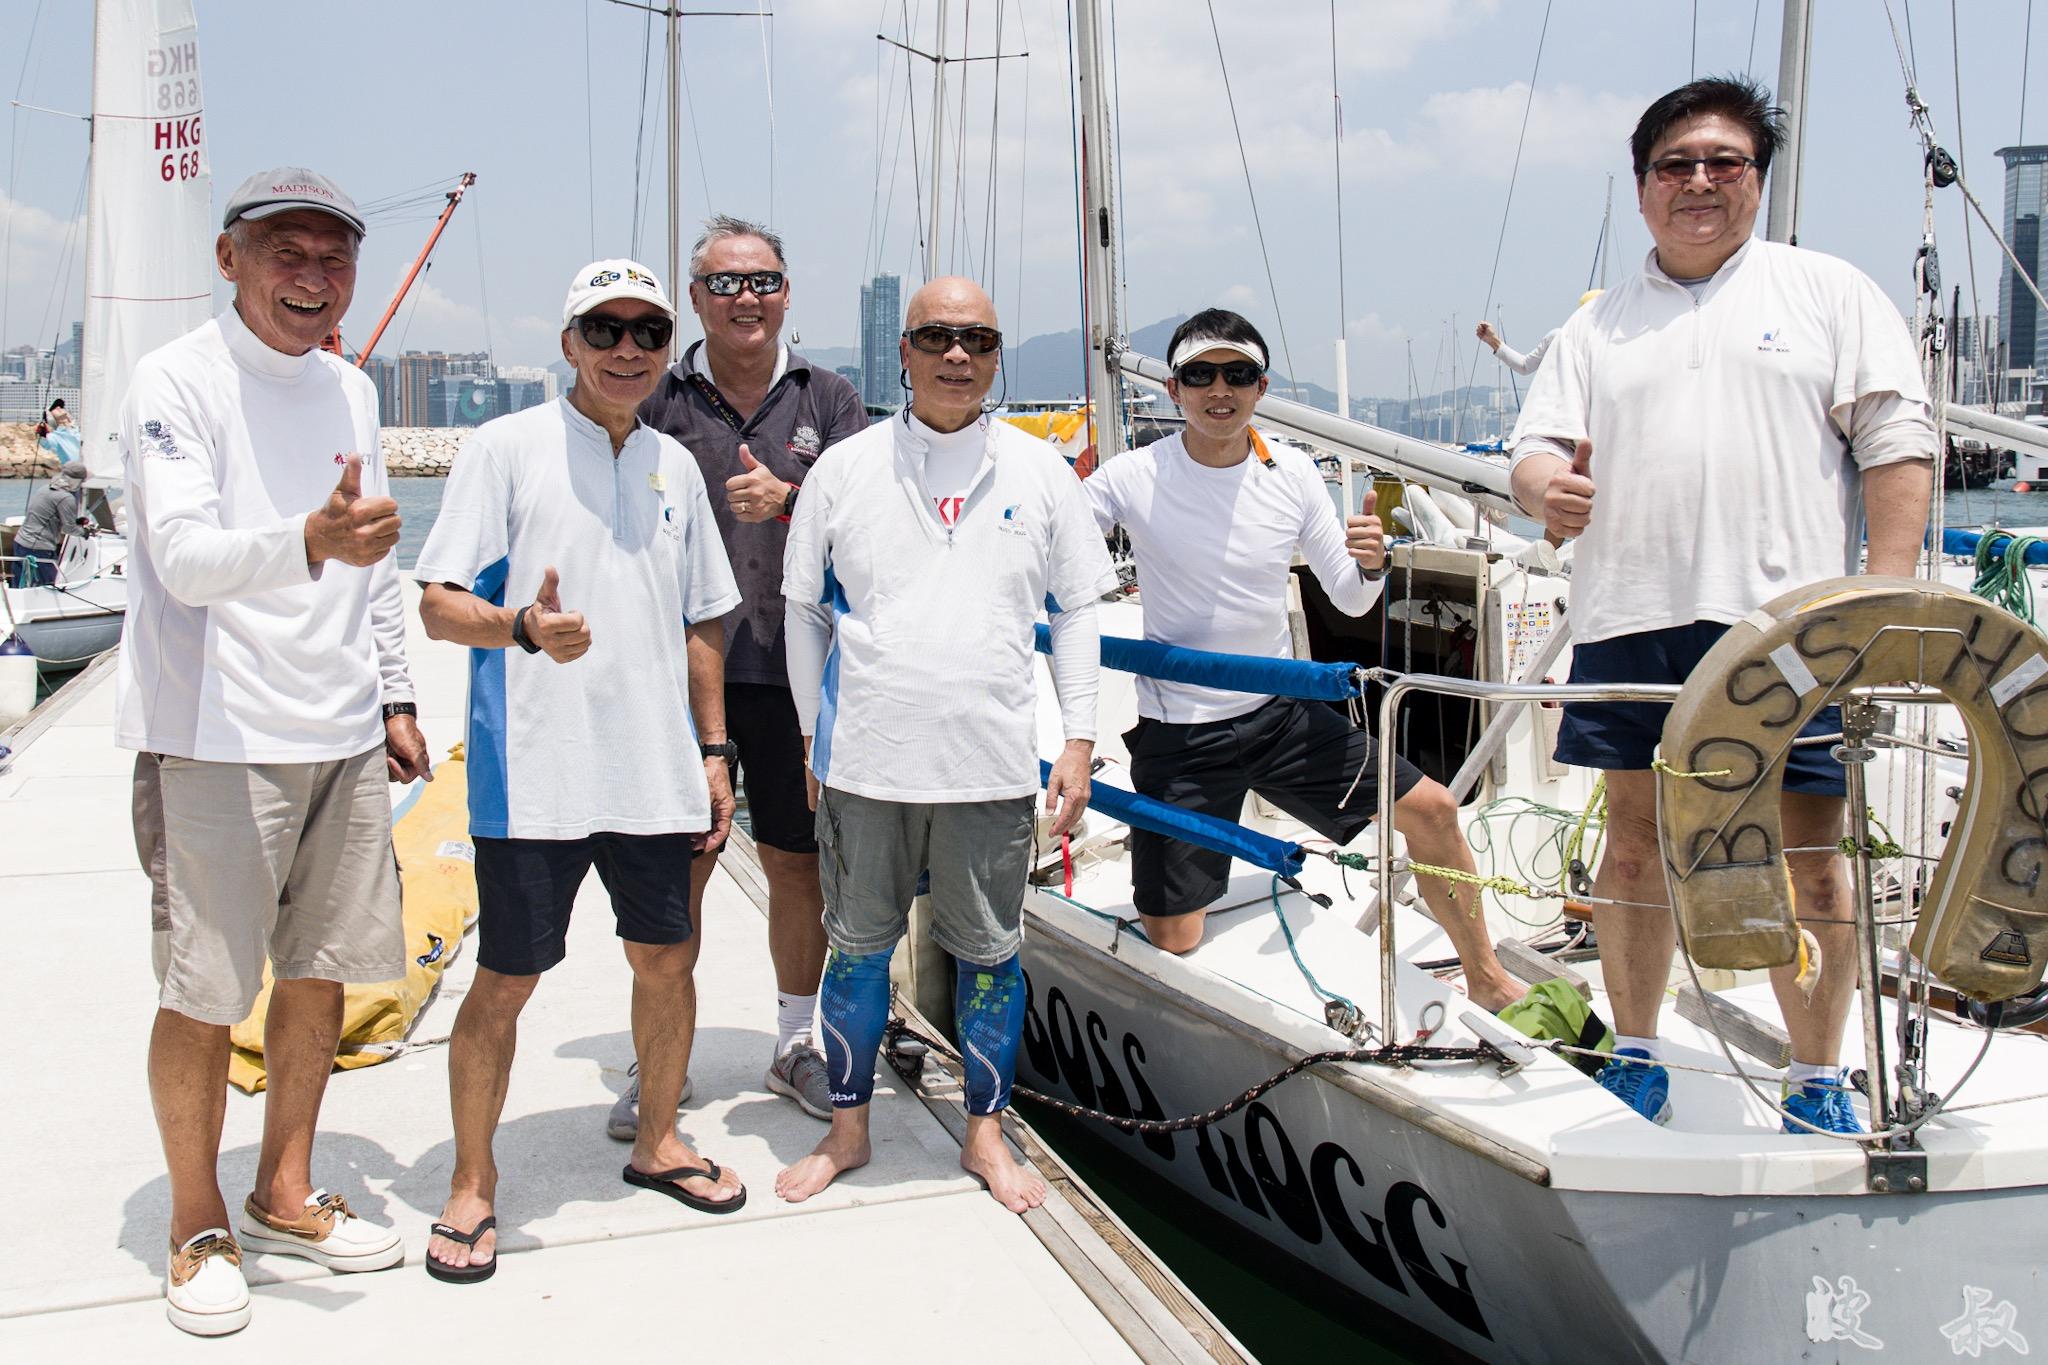 Boss Hogg號大部份船員,都是四十後銀髮族。相片由香港遊艇會提供